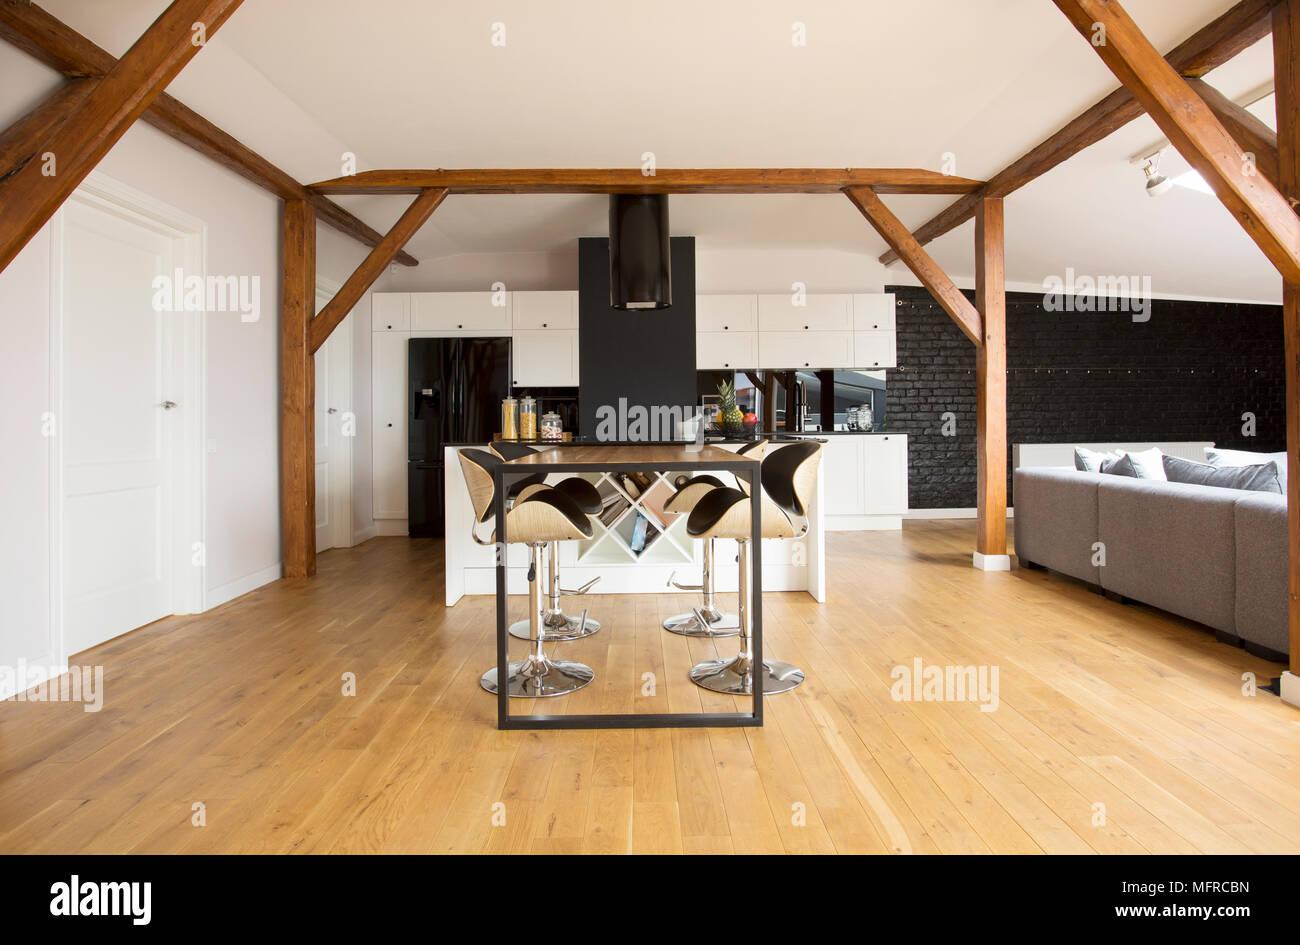 Modernen Barhockern Und Schwarzen Tisch Im Apartment Im Dachgeschoss  Interieur Mit Holzboden, Balken Und Grau Sitzgarnitur